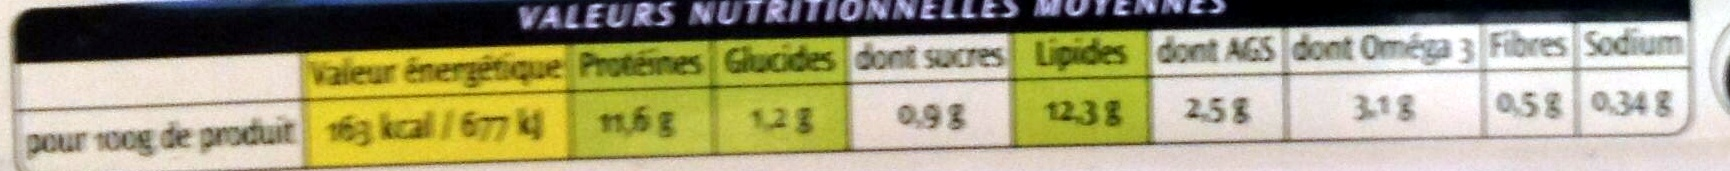 Filets de Maquereaux (Marinade aux Herbes de Provence) - Nutrition facts